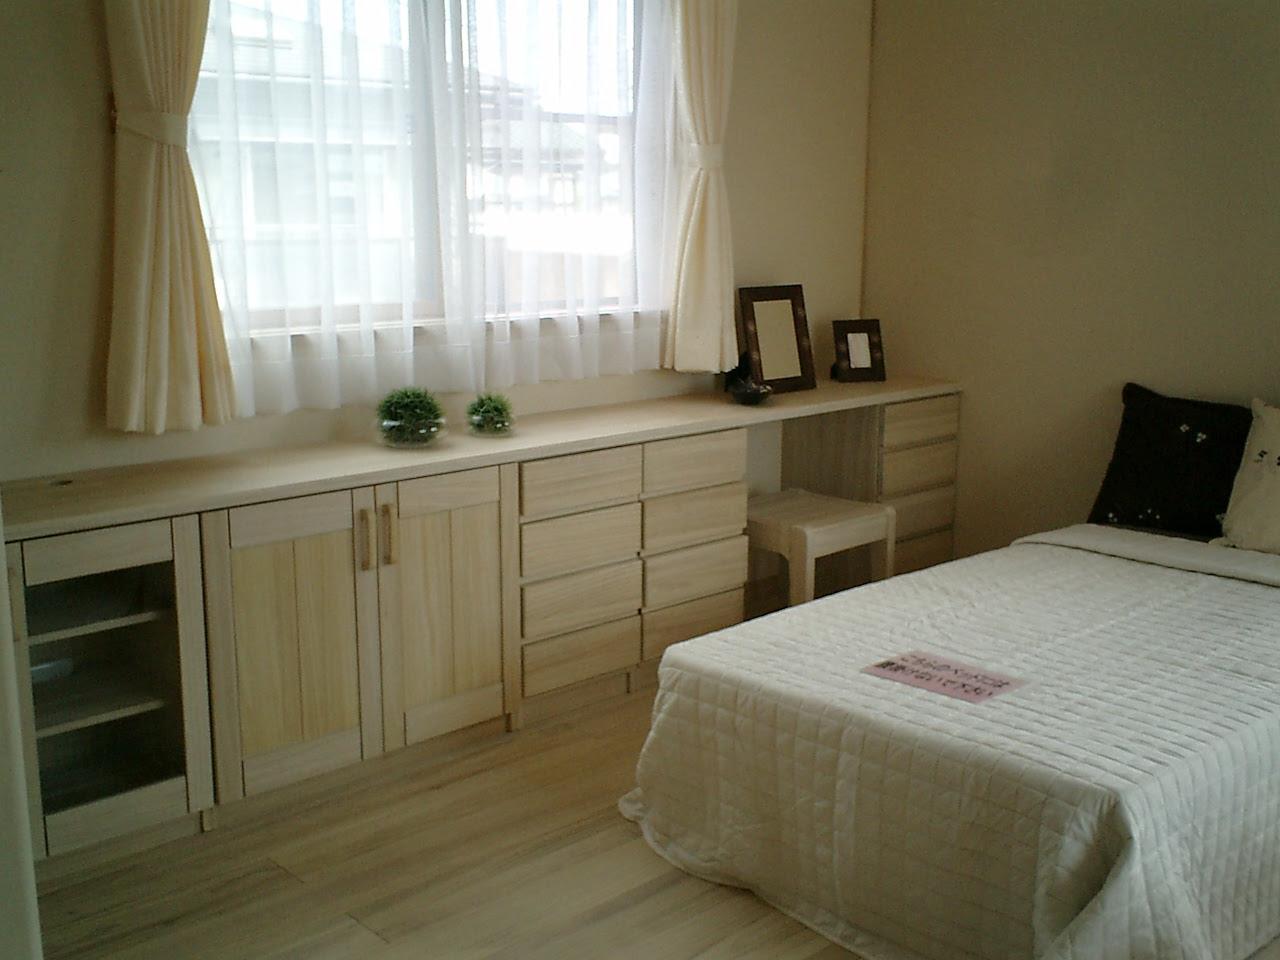 風水インテリアでお部屋の模様替え: 風水インテリア 寝室 ...